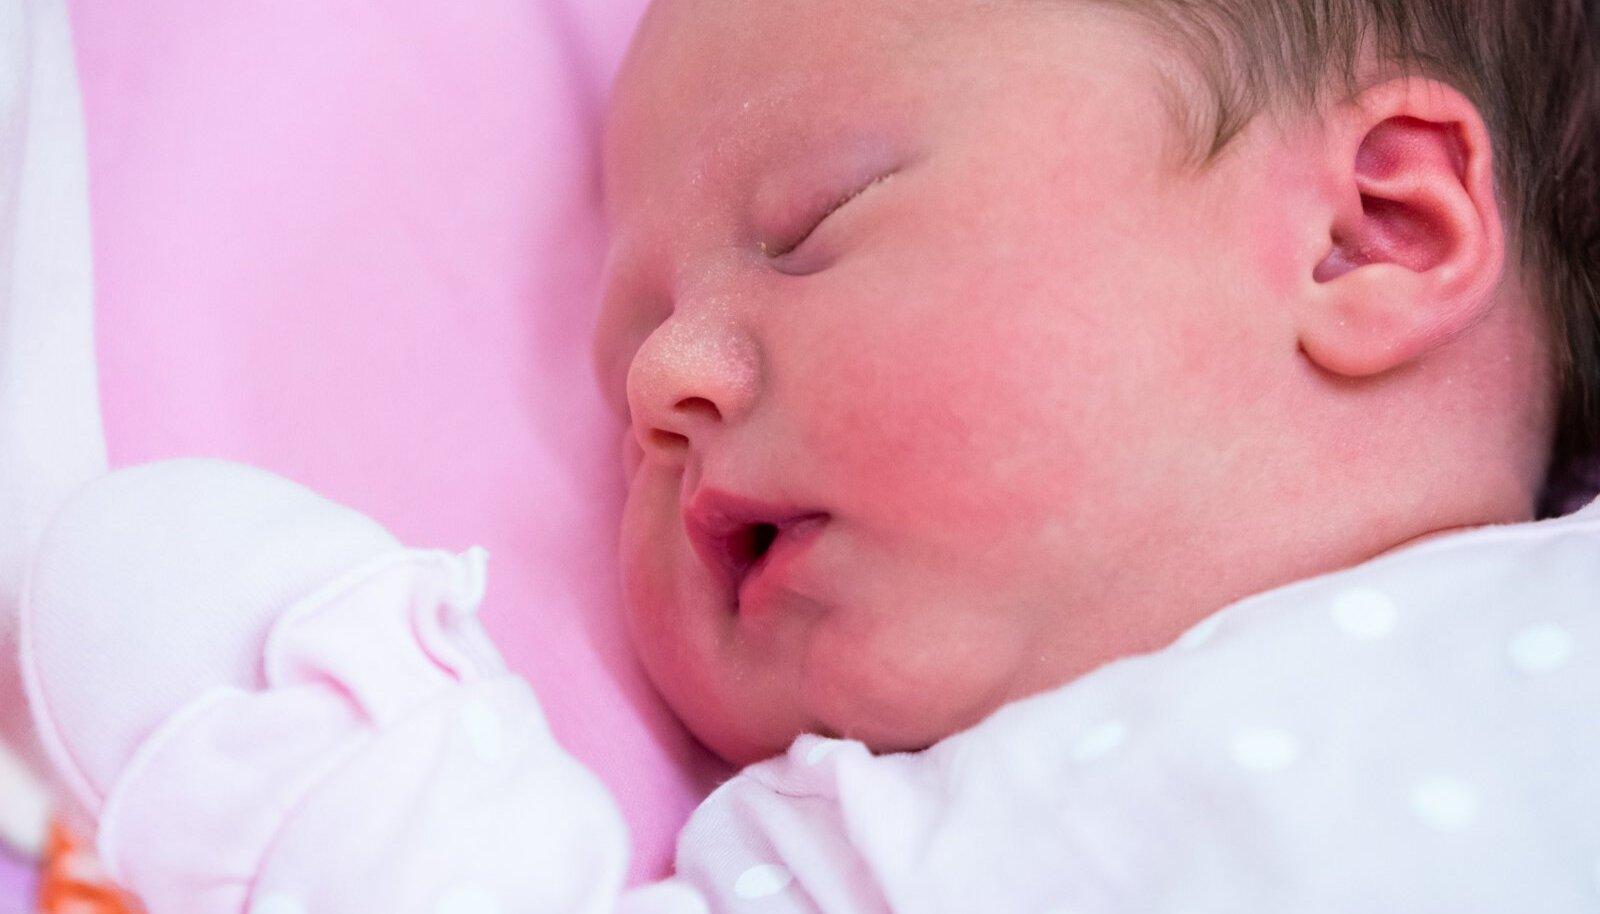 Lapsevanemad saavad lapse sünni registreerida nüüd kodust lahkumata.